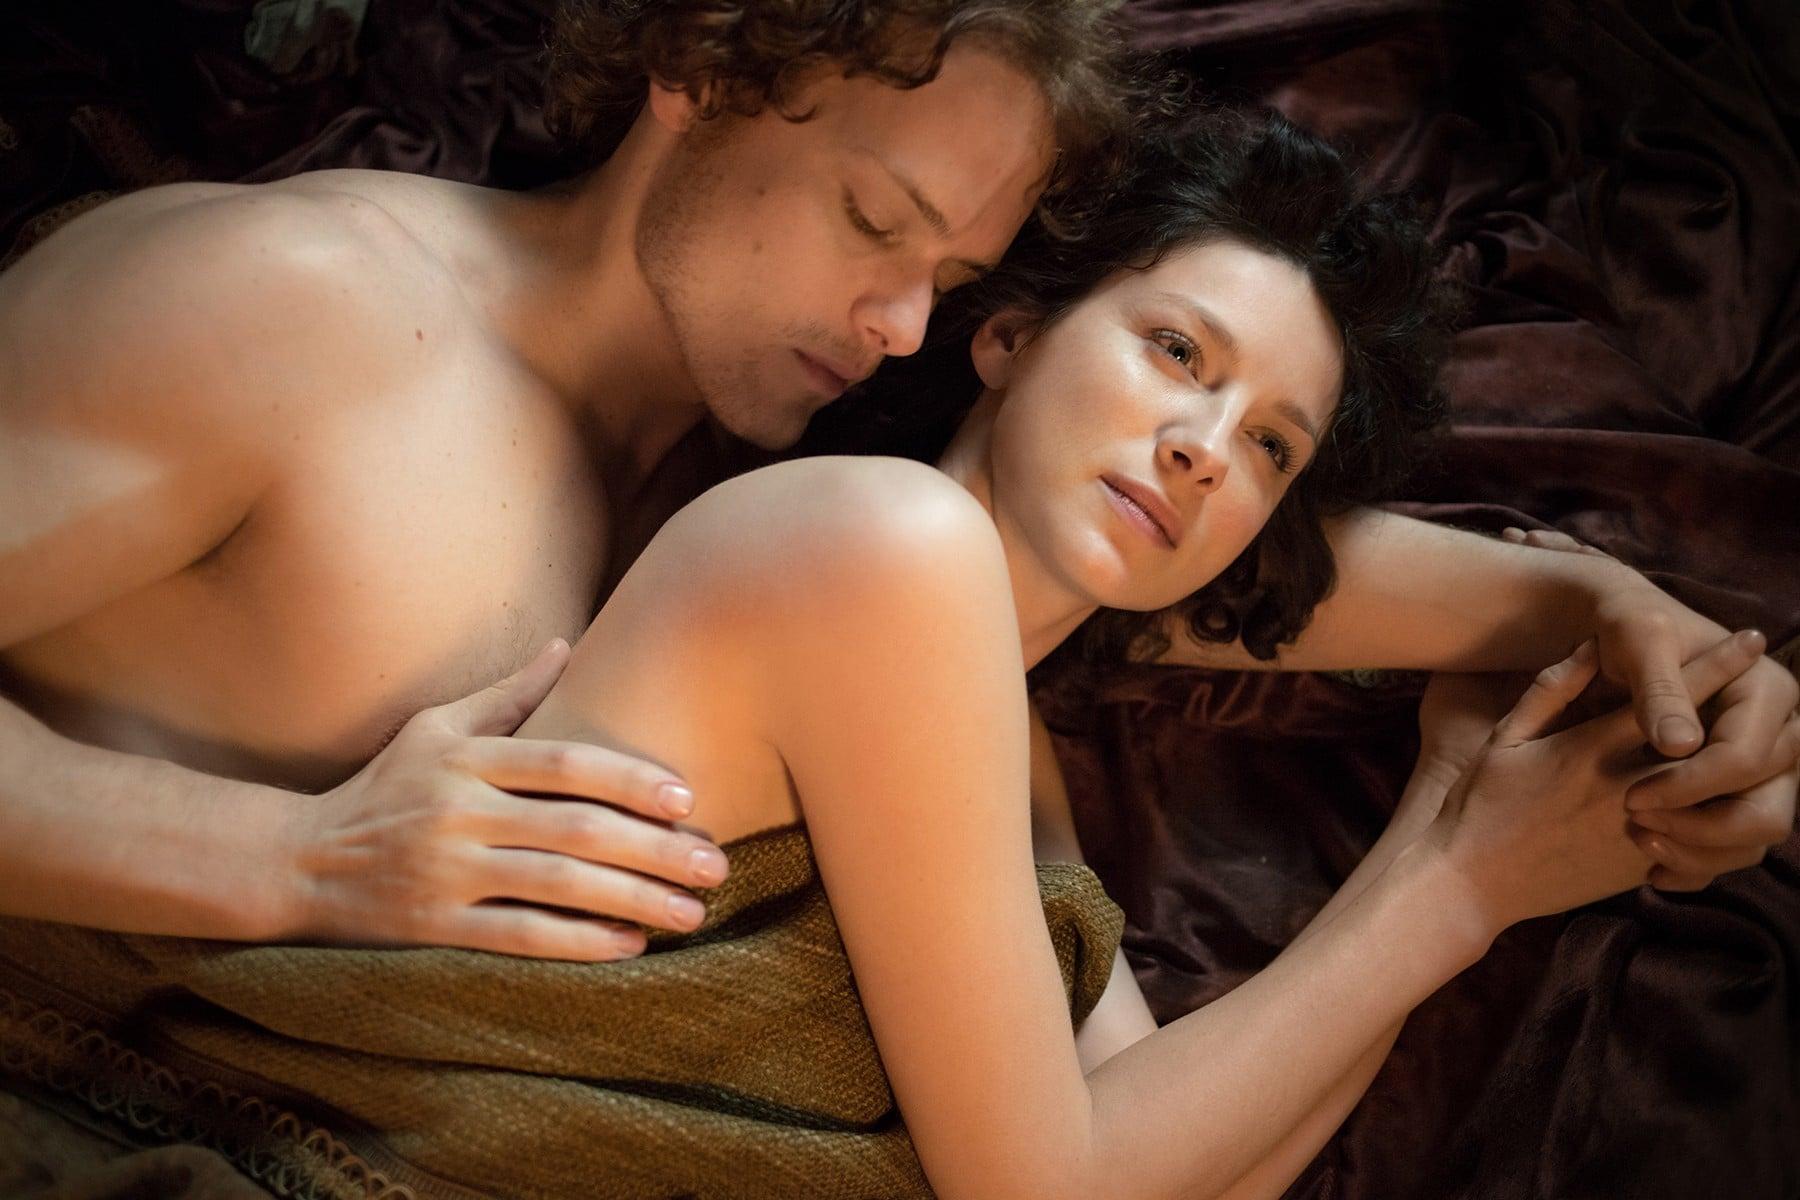 Best erotic sex scenes